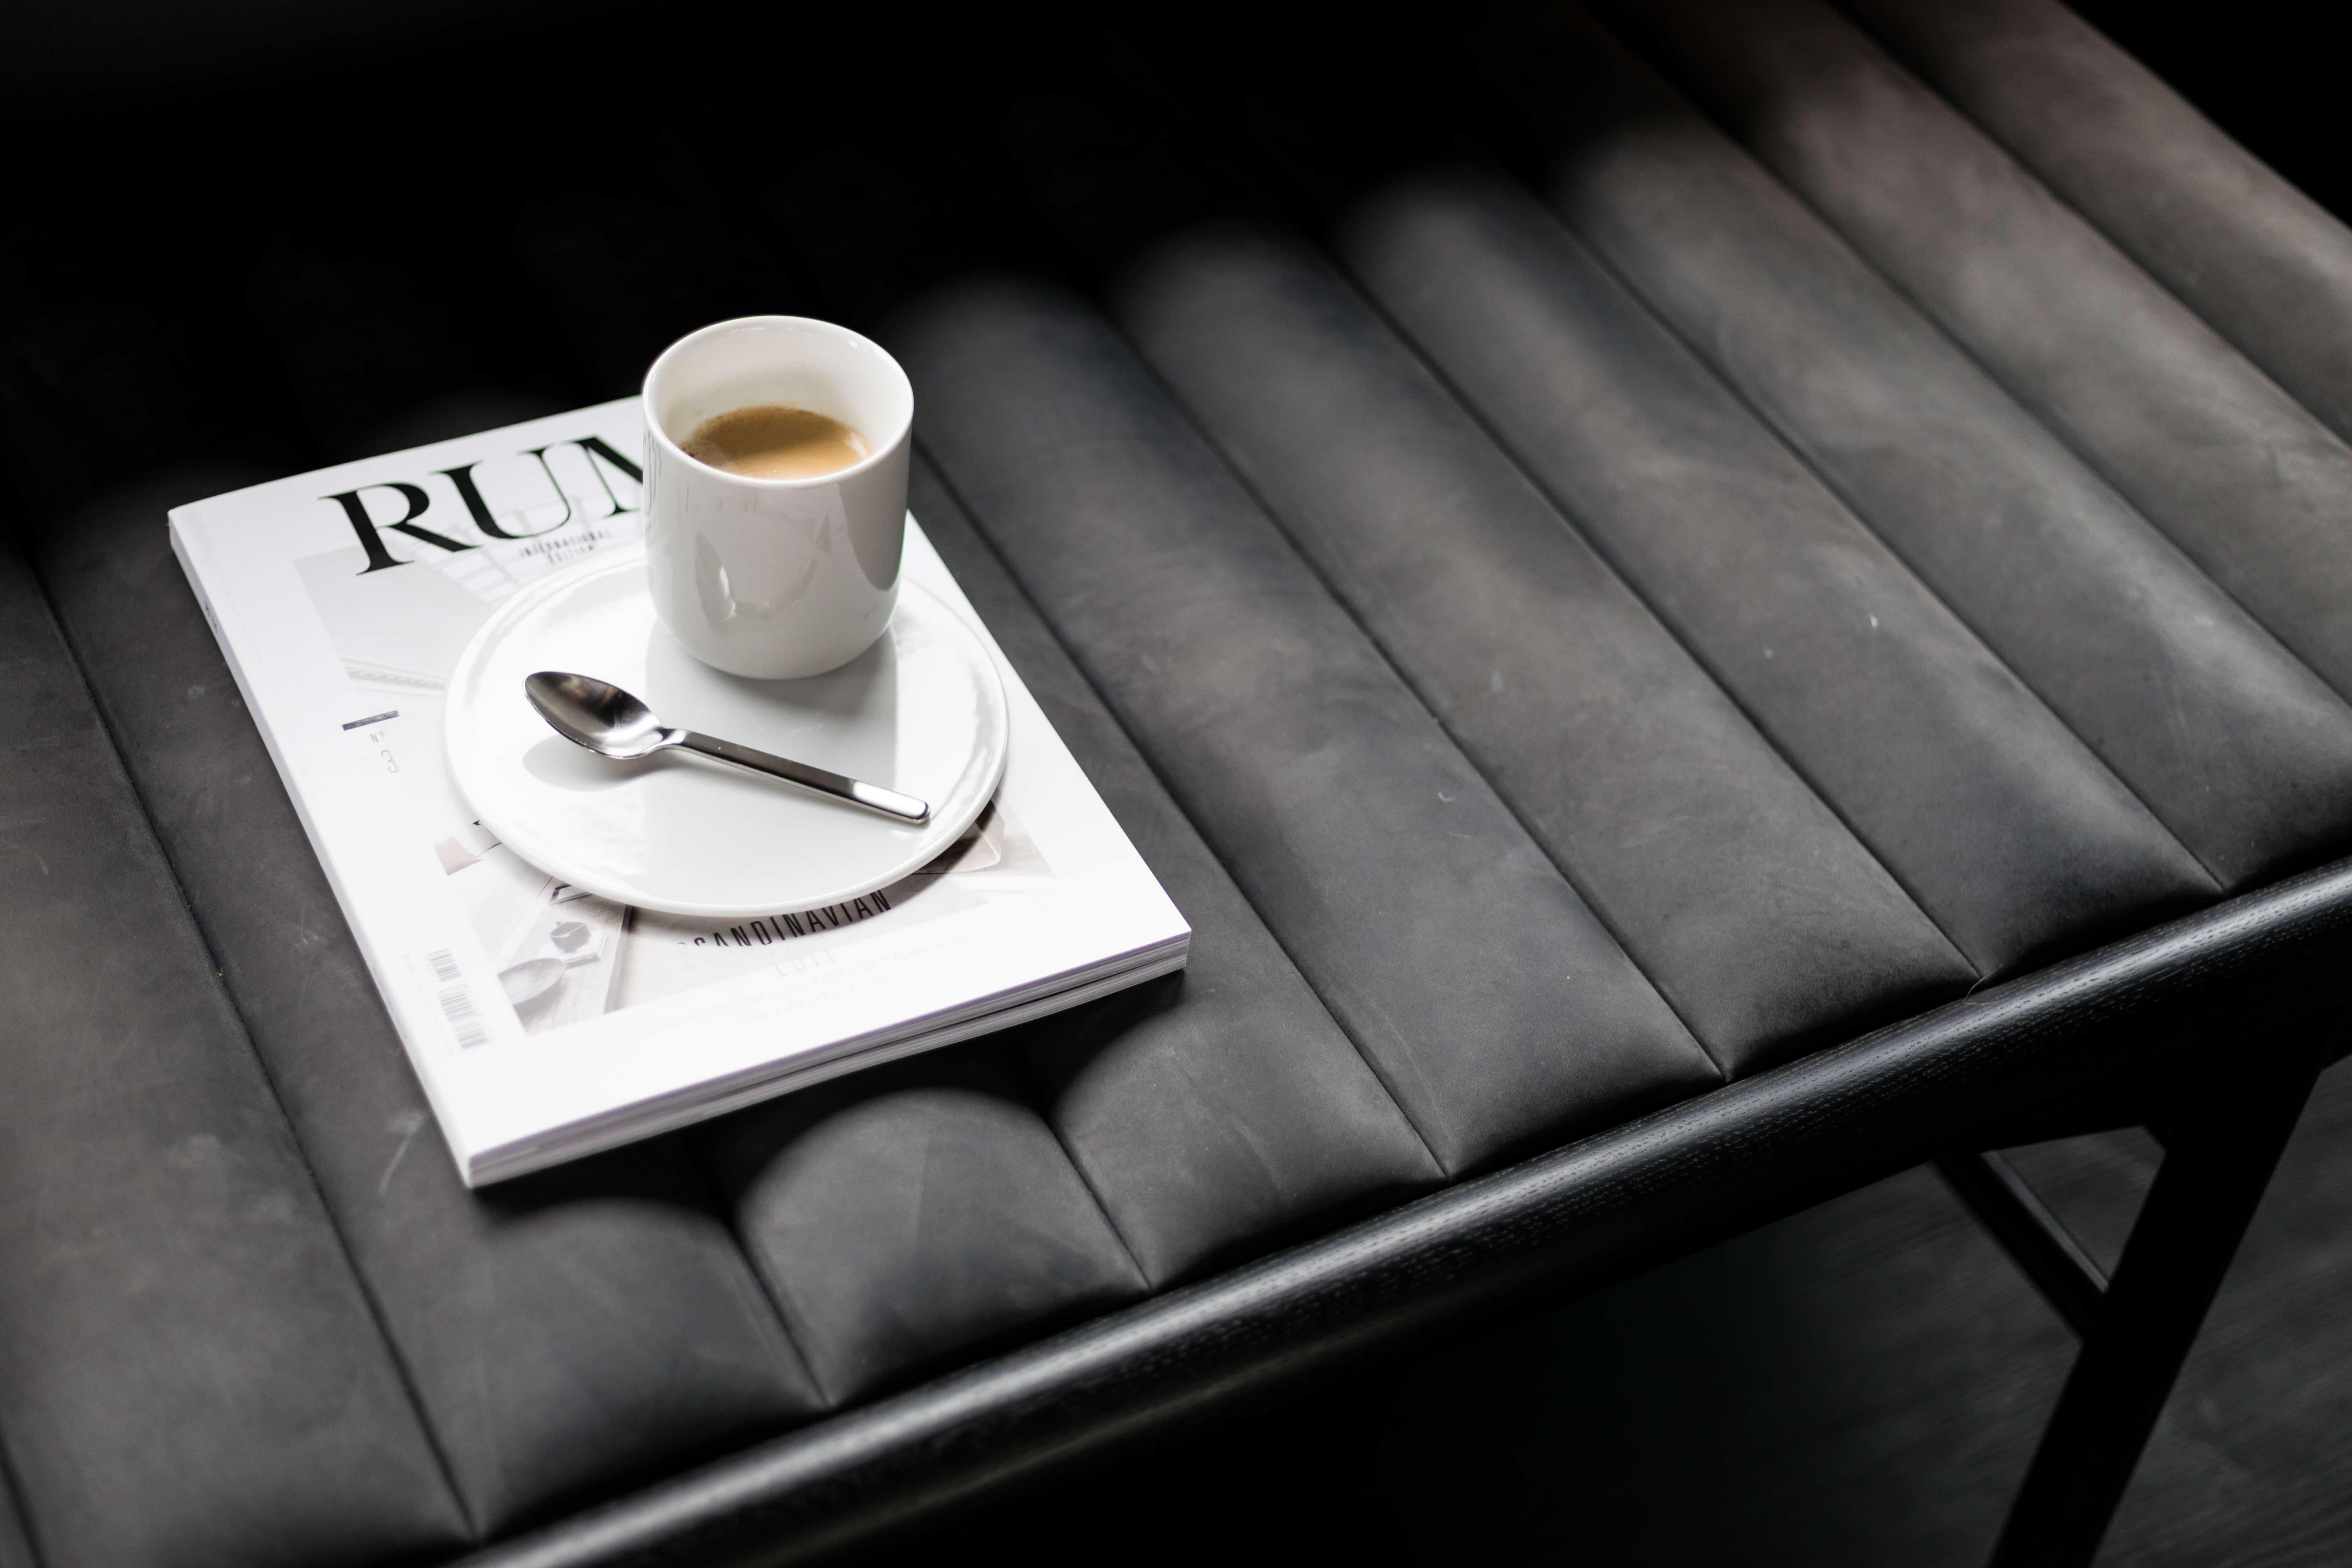 hjemmeside kaffe og rum blad